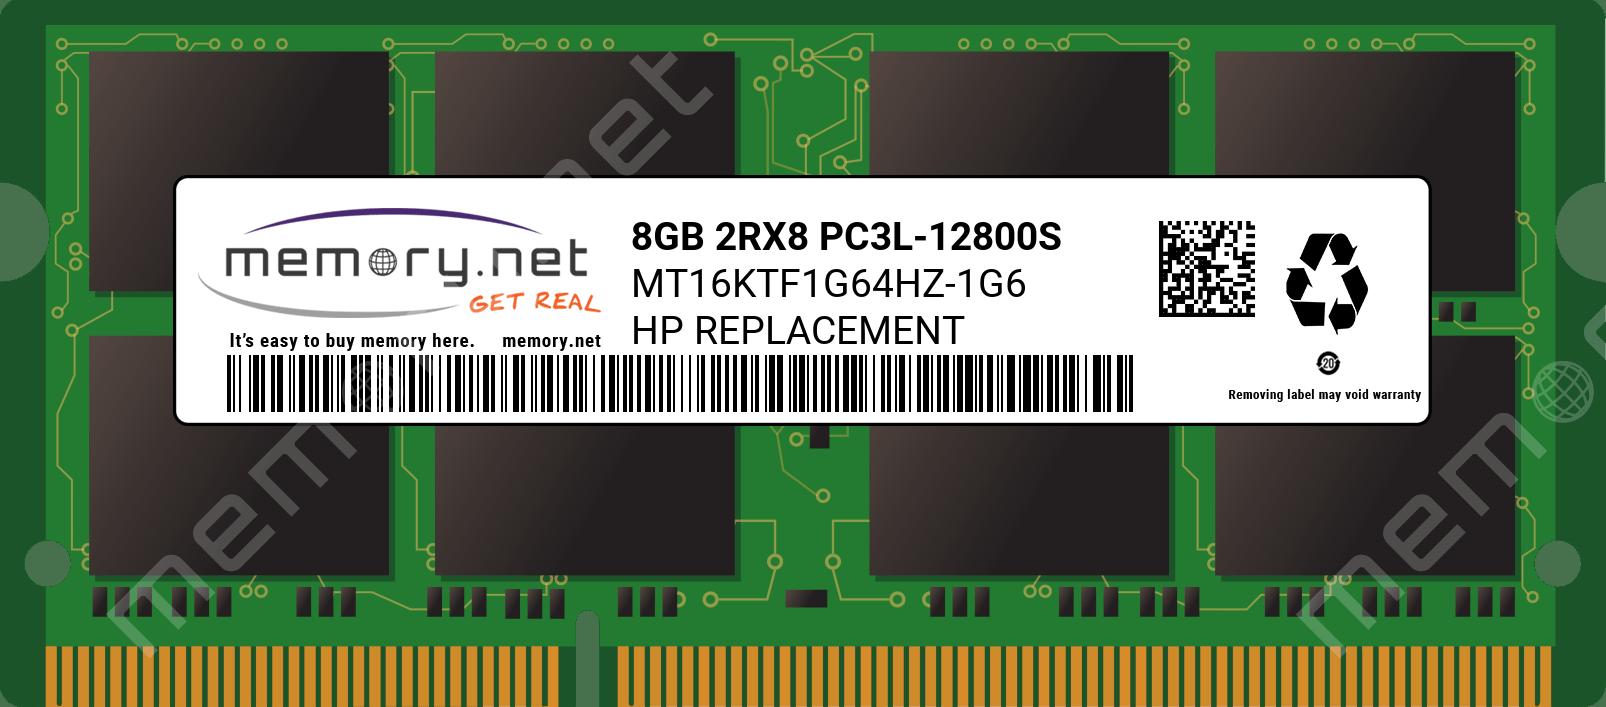 MT16KTF1G64HZ-1G6